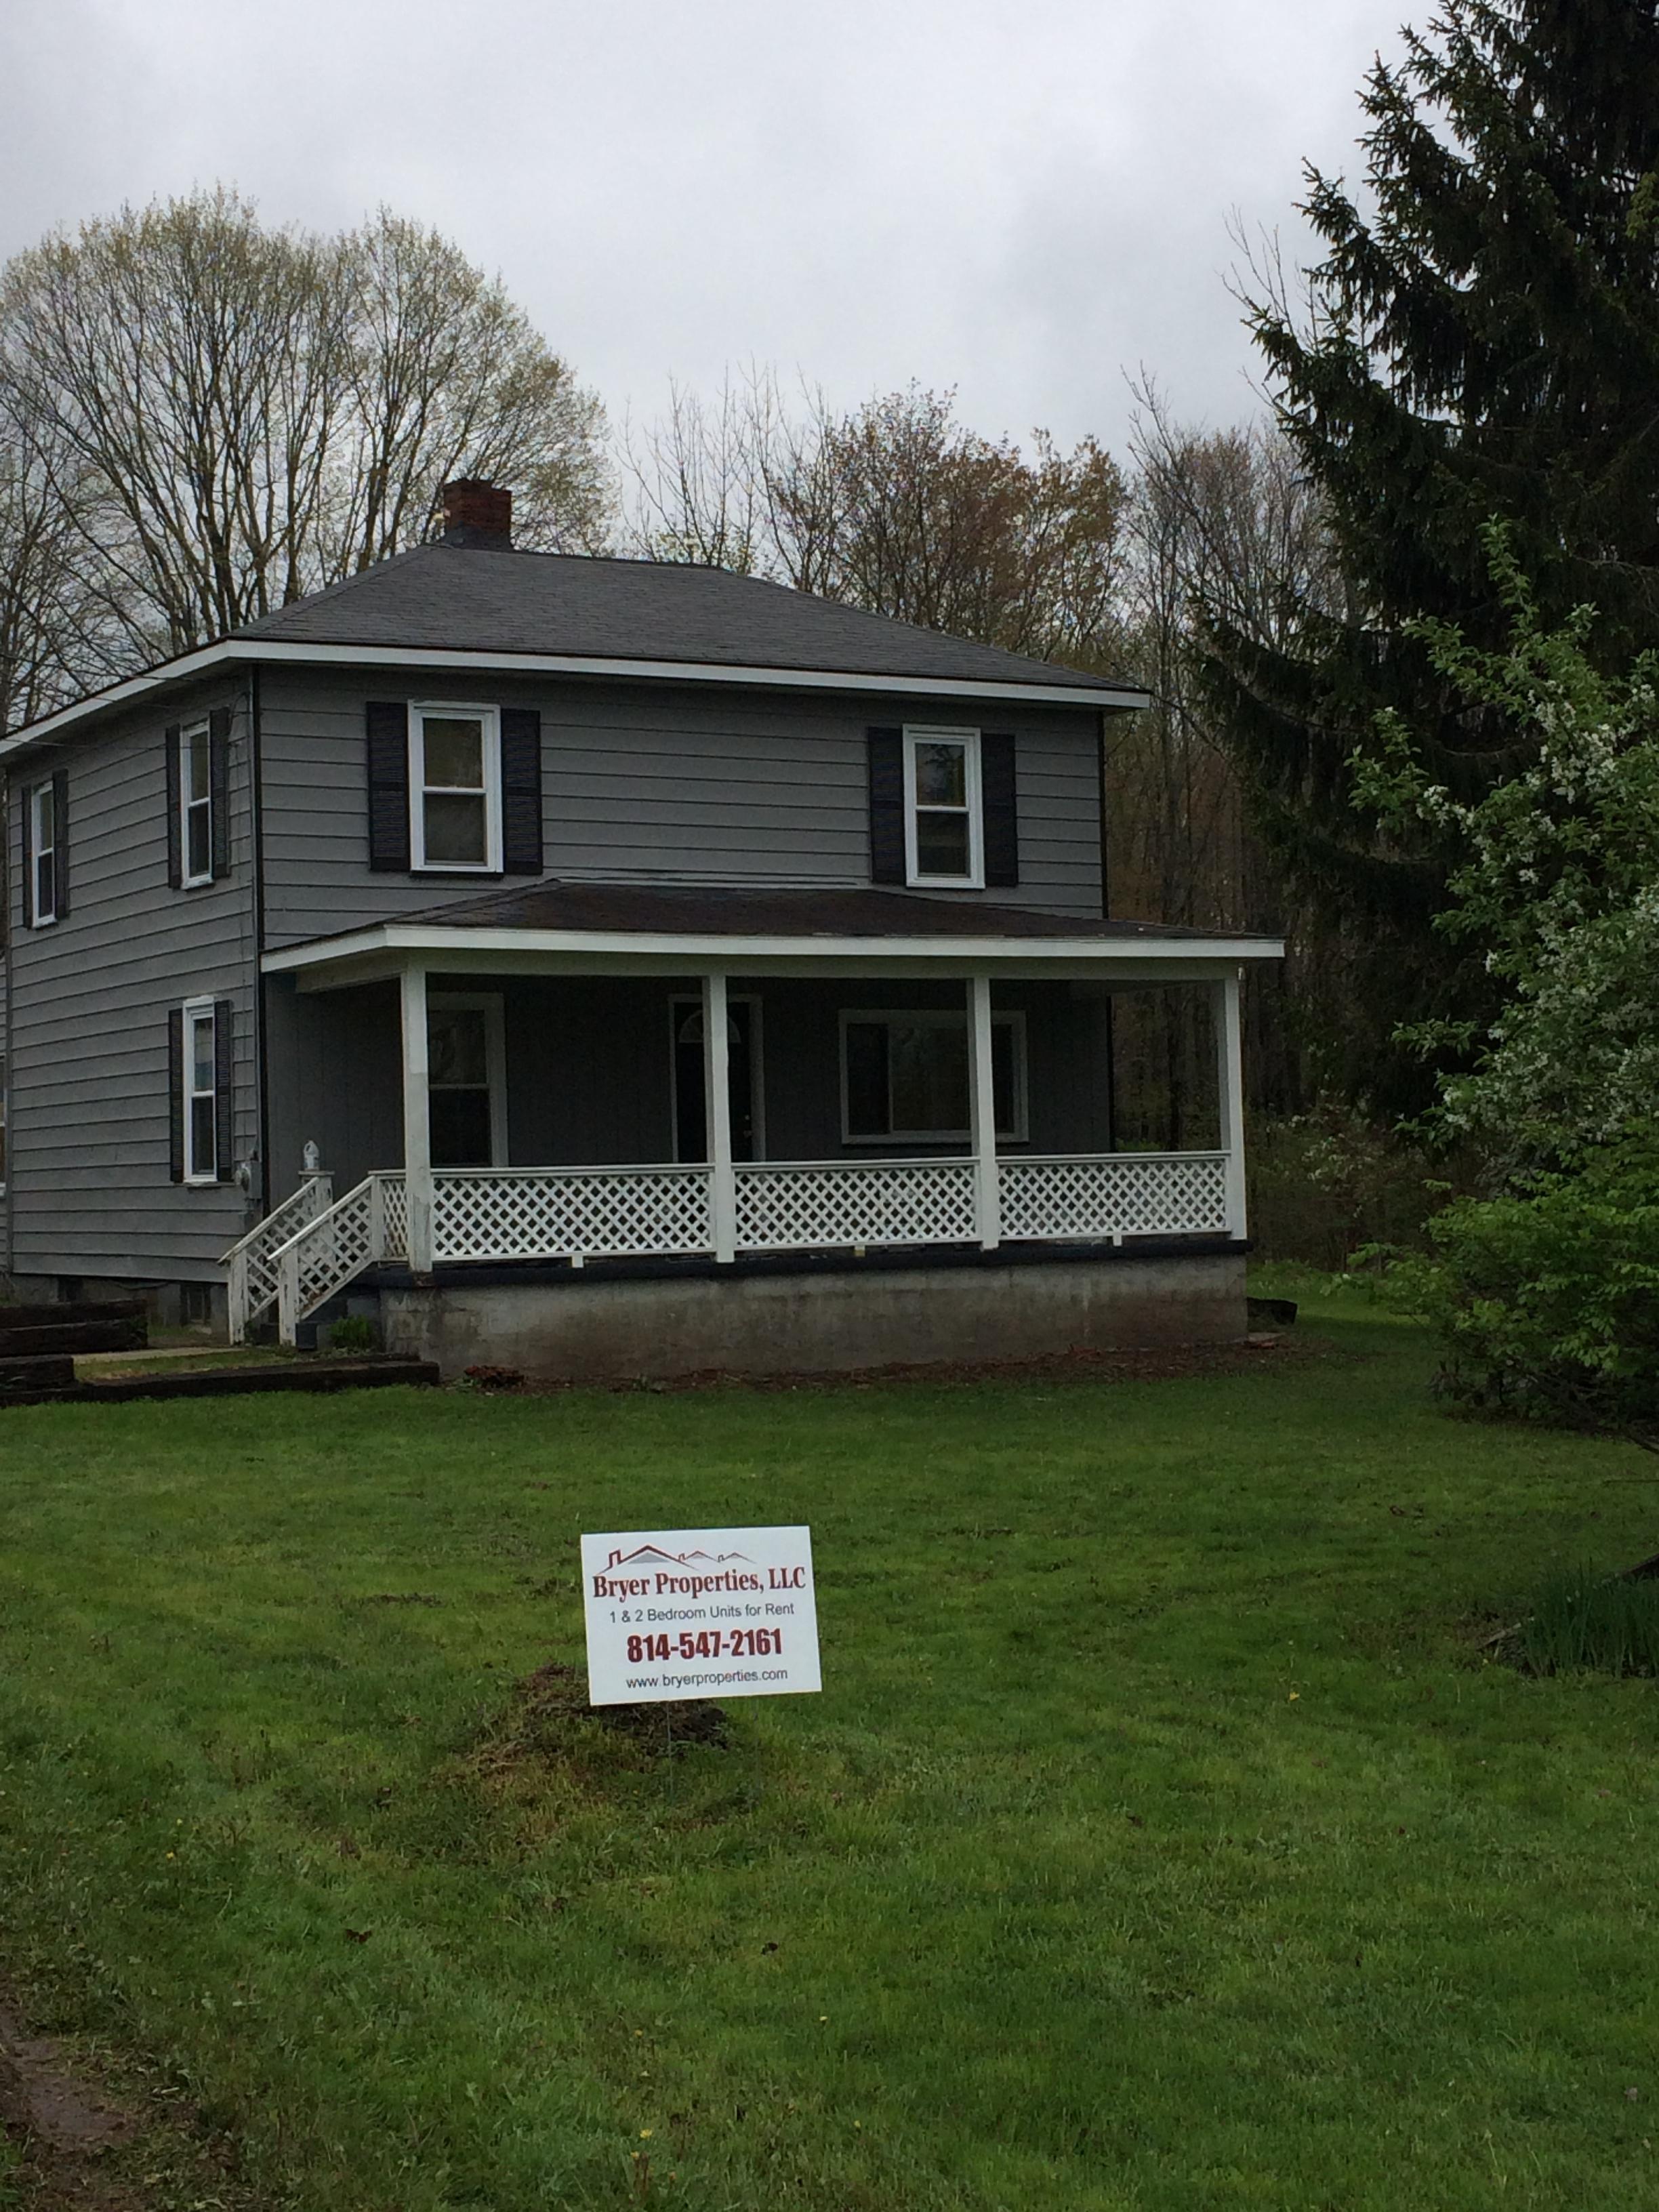 Bryer Properties, LLC image 9